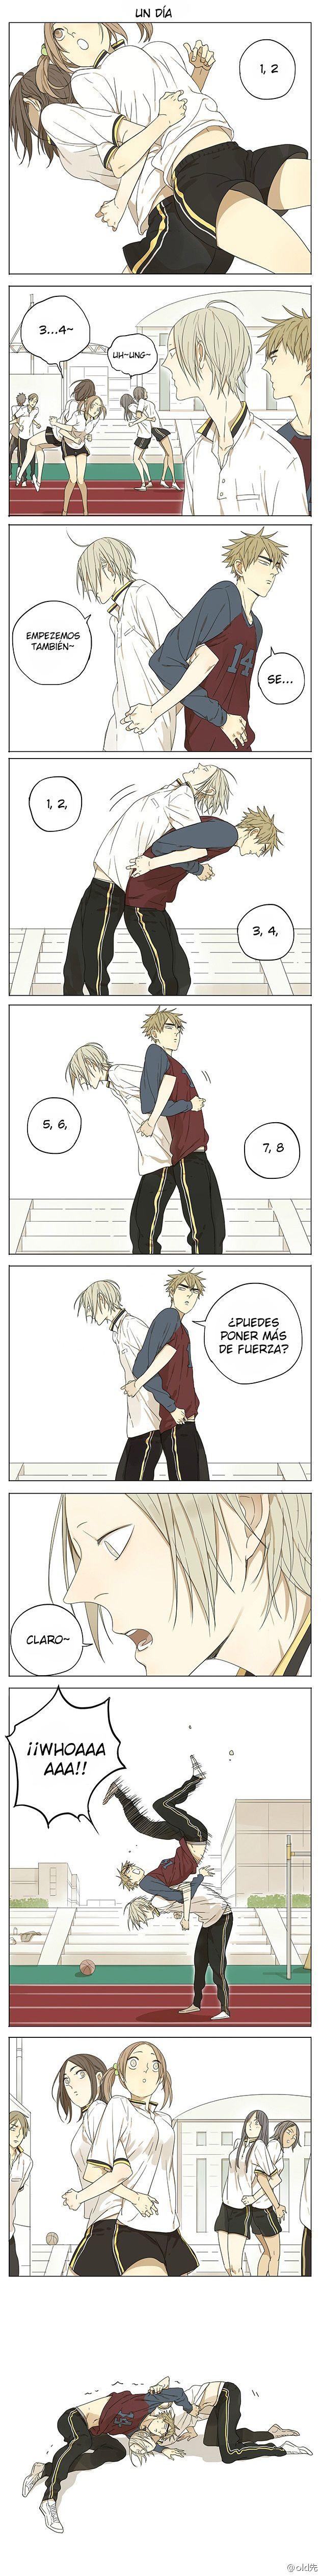 Manga 19 Days Capítulo 3 Página 19